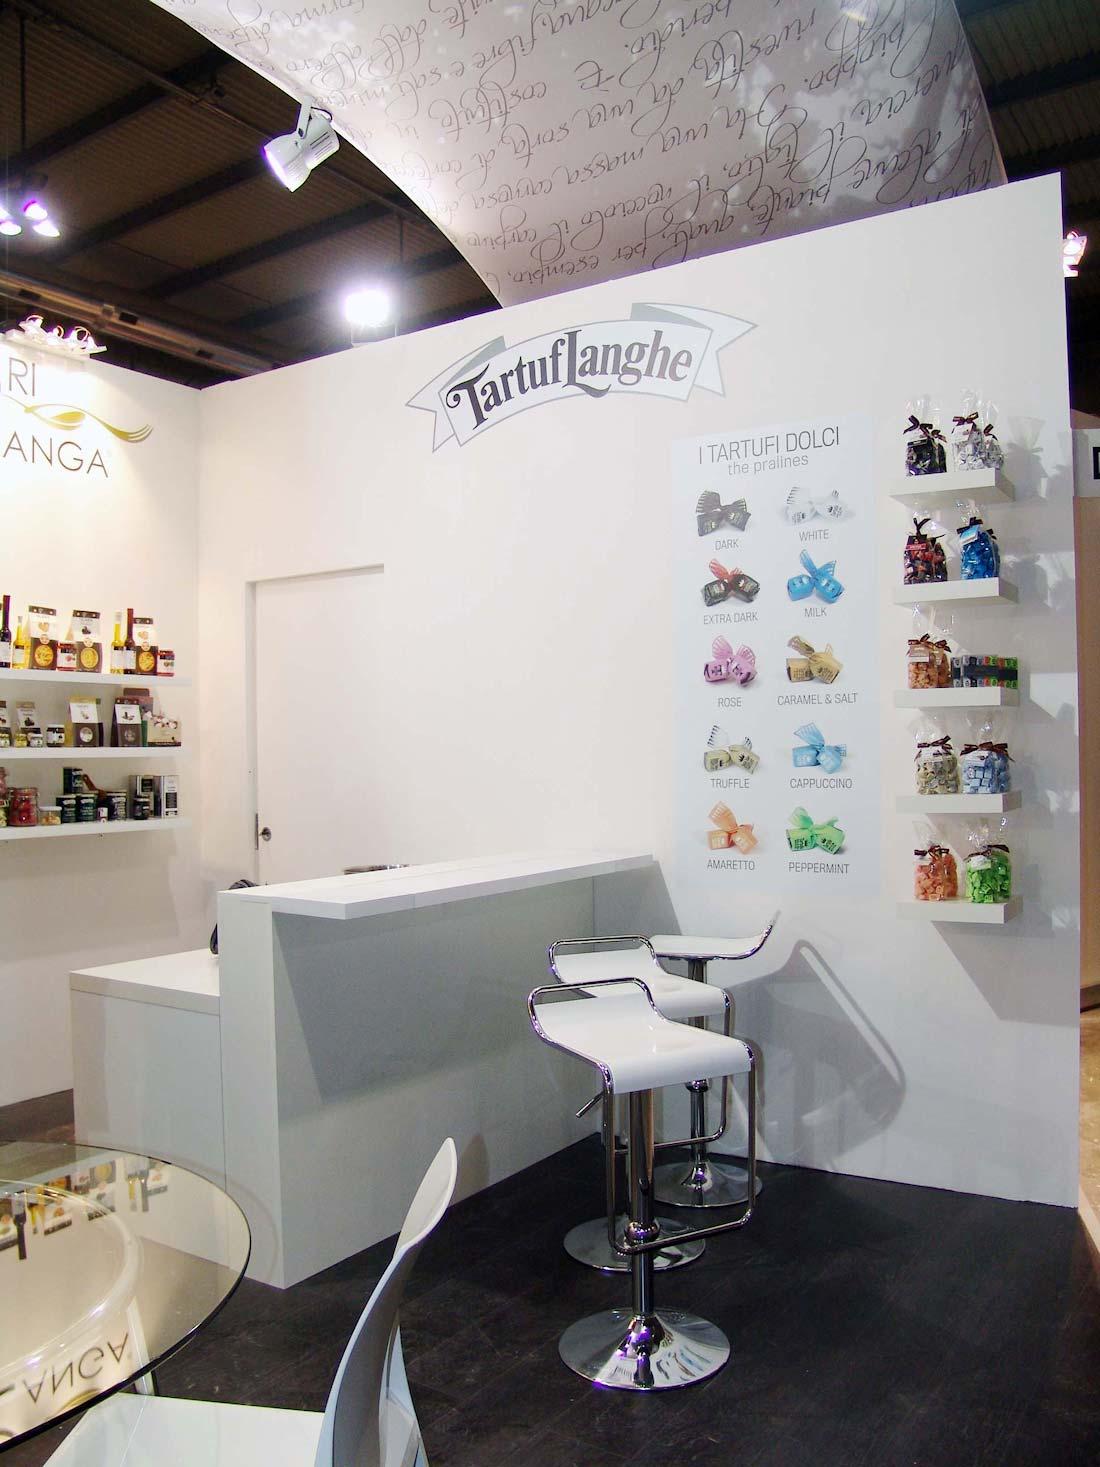 Banco e sgabelli nello stand Tartuflanghe allestito in occasione dell'esposizione internazionale Tuttofood 2013 al quartiere fieristico di Milano